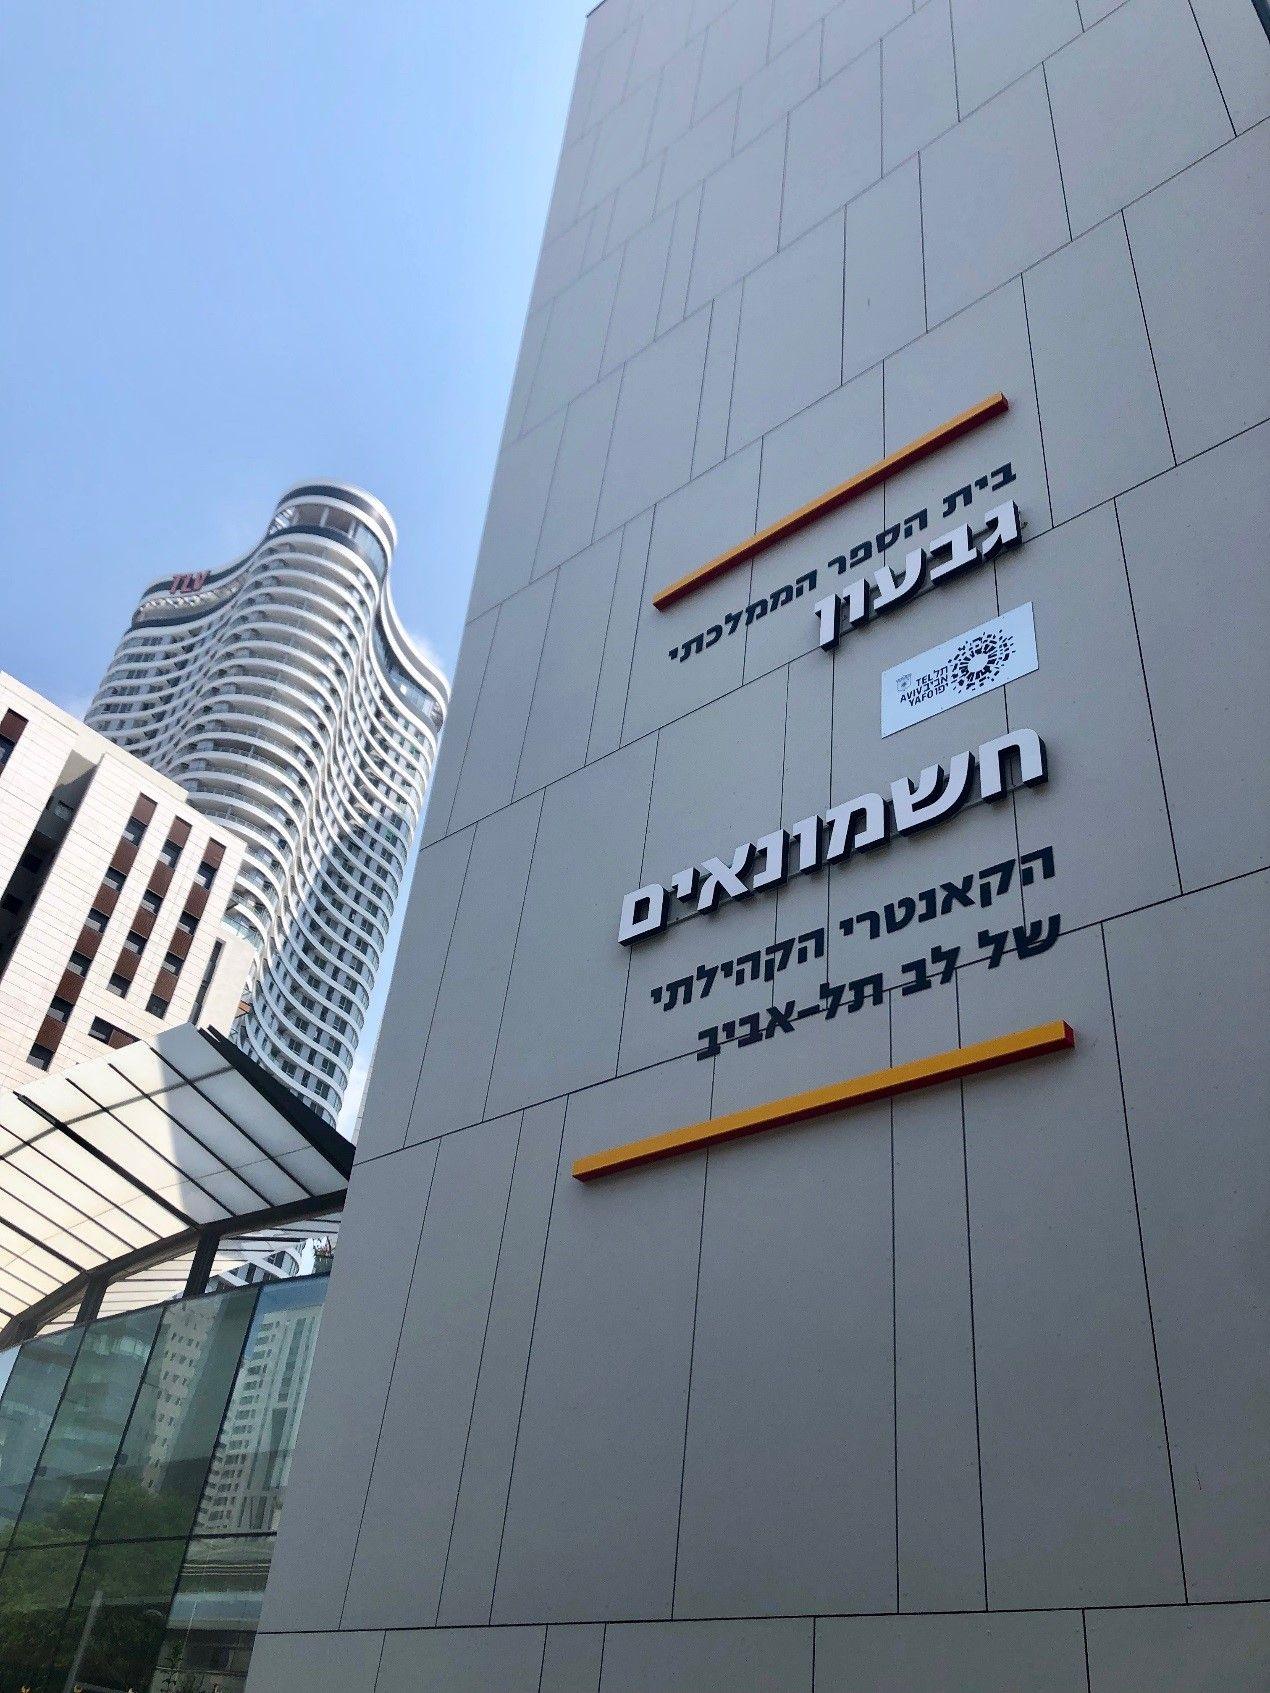 מתחם גינדי TLV - תל אביב